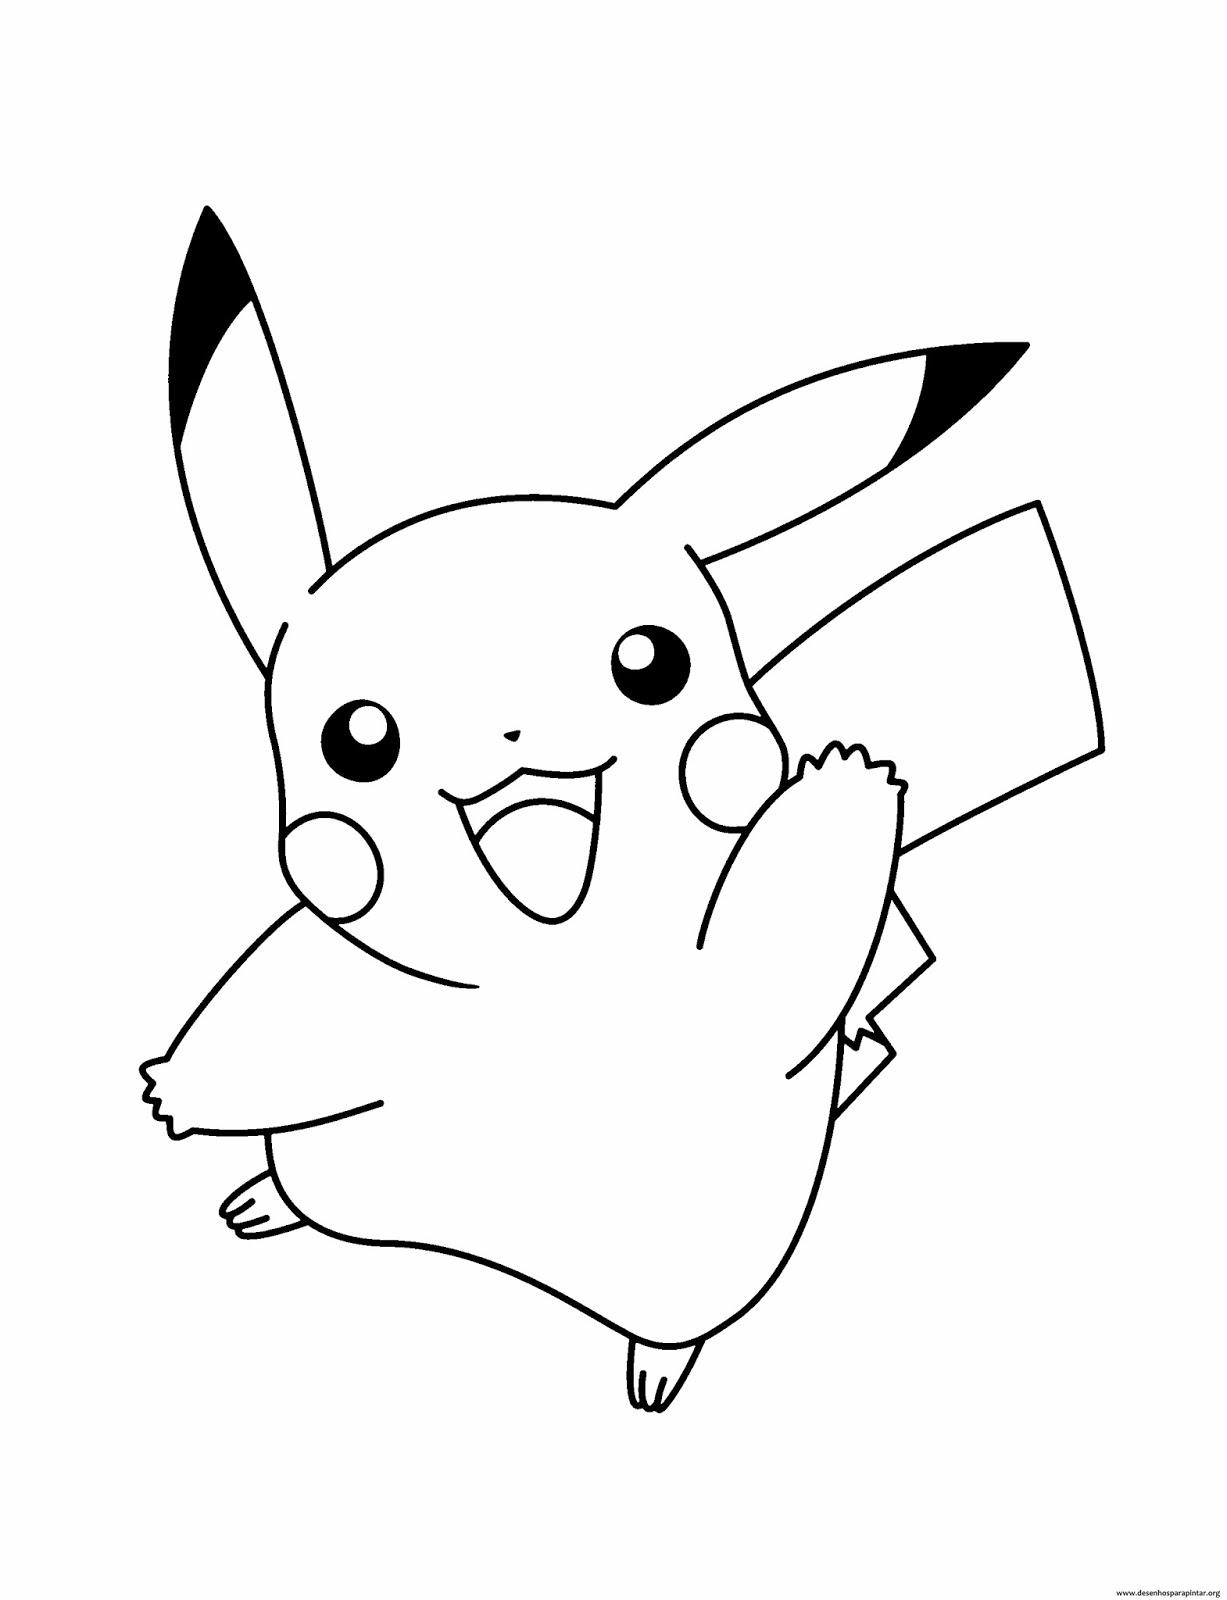 Desenhos Para Colorir E Imprimir Do Pokemon